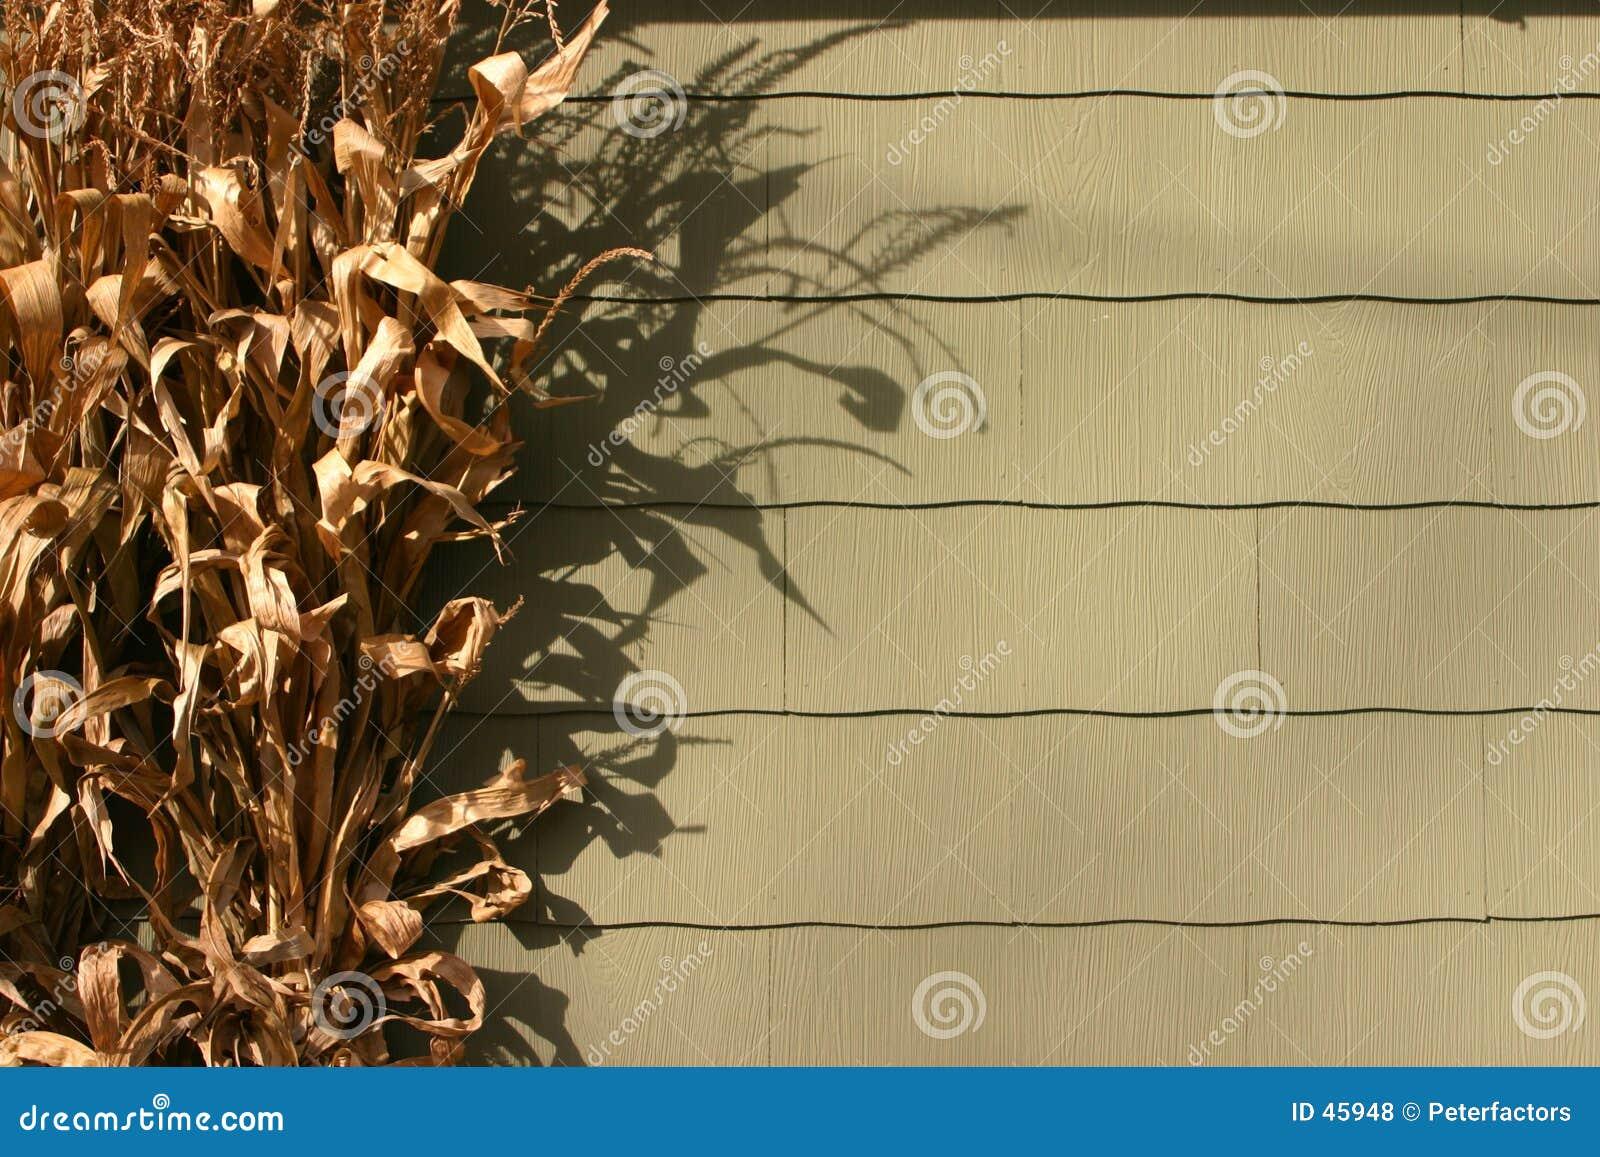 Suszone łodygi kukurydzy